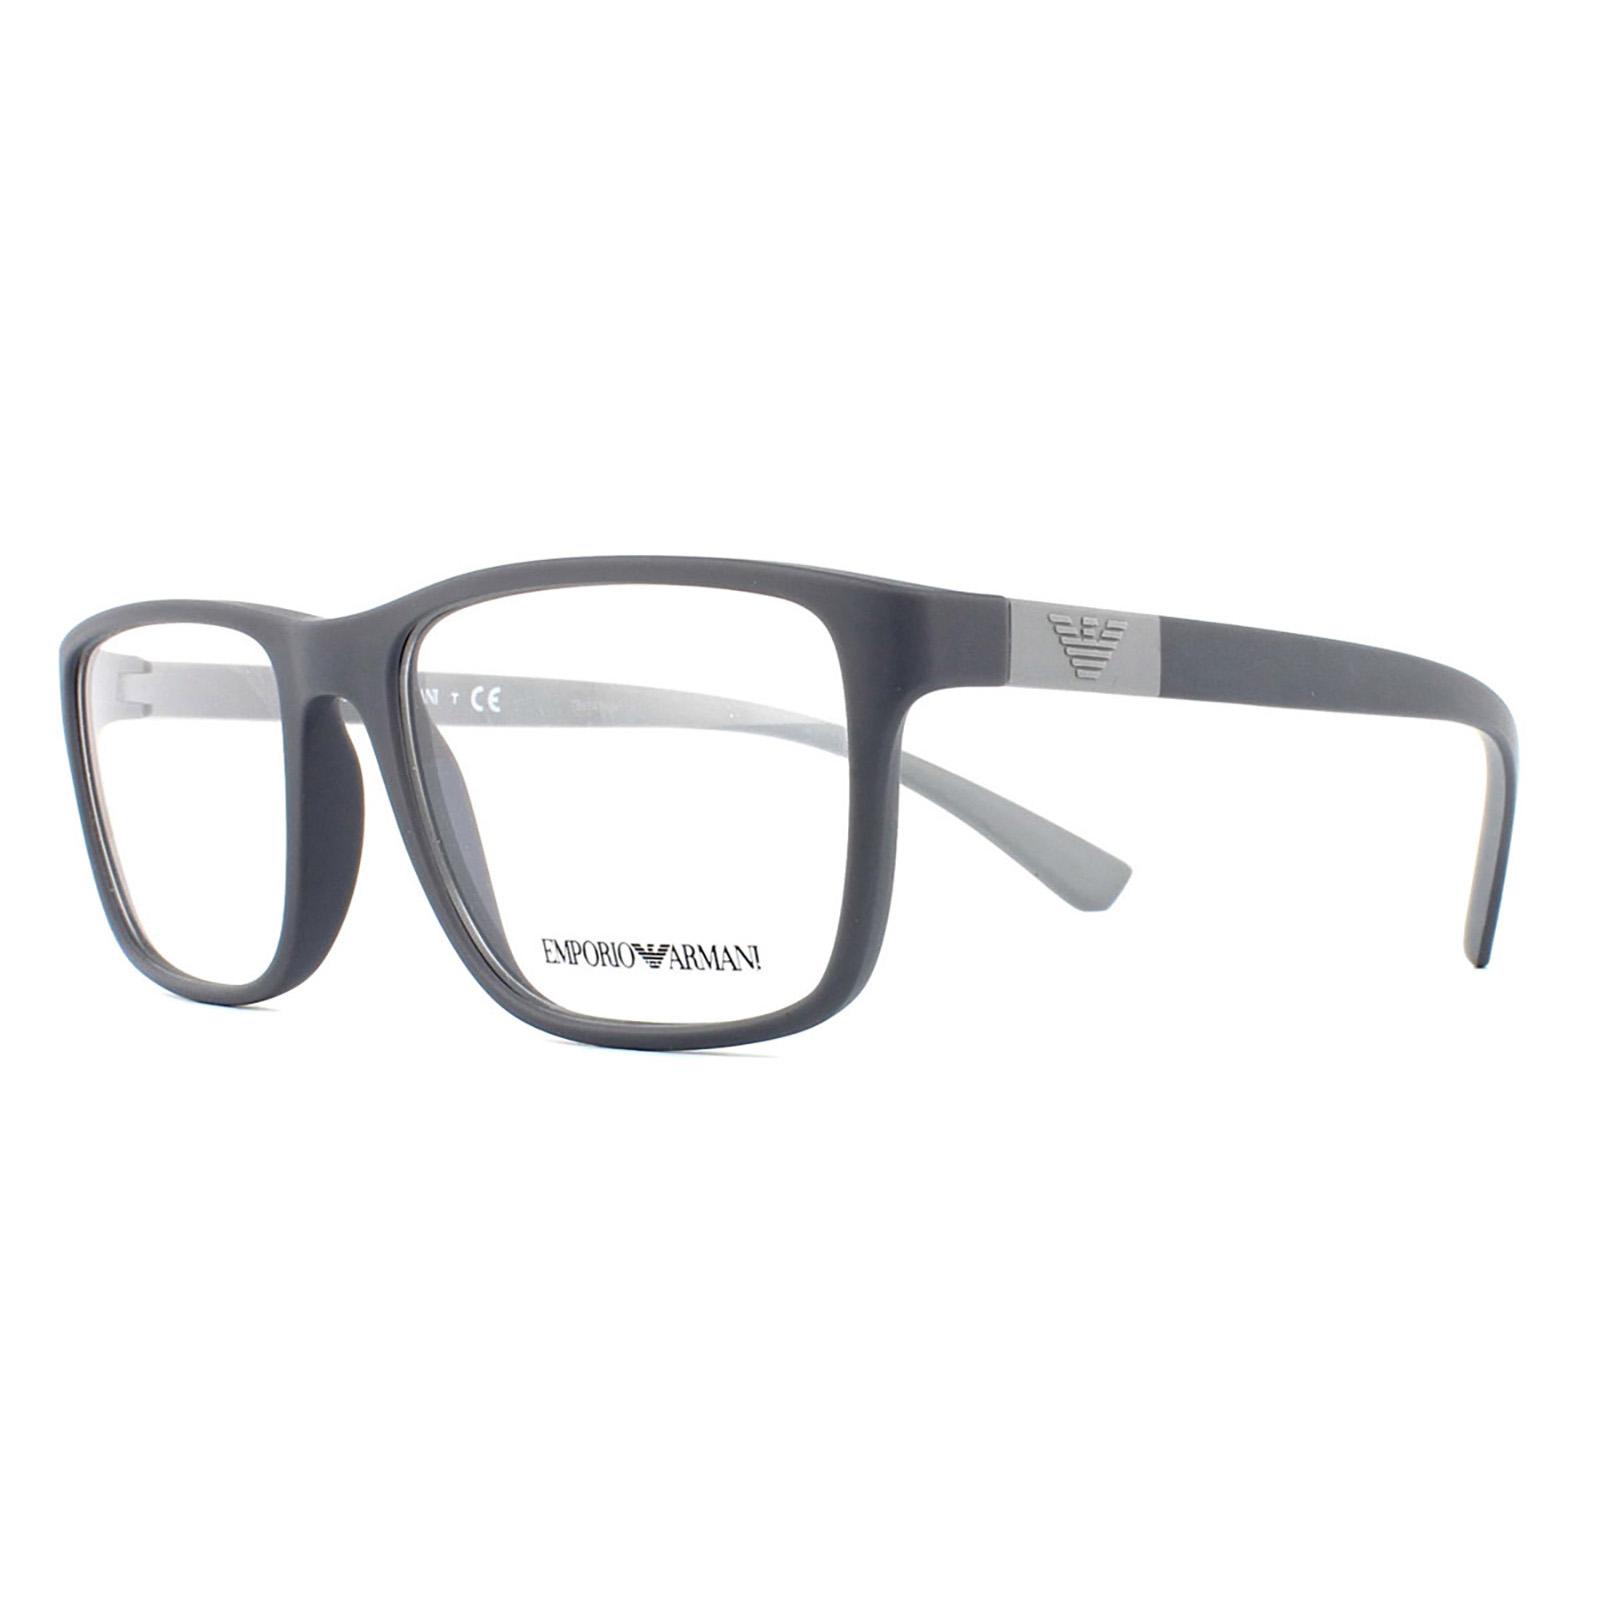 sentinel emporio armani glasses frames 3091 5502 matte grey men 53mm - Emporio Armani Glasses Frames